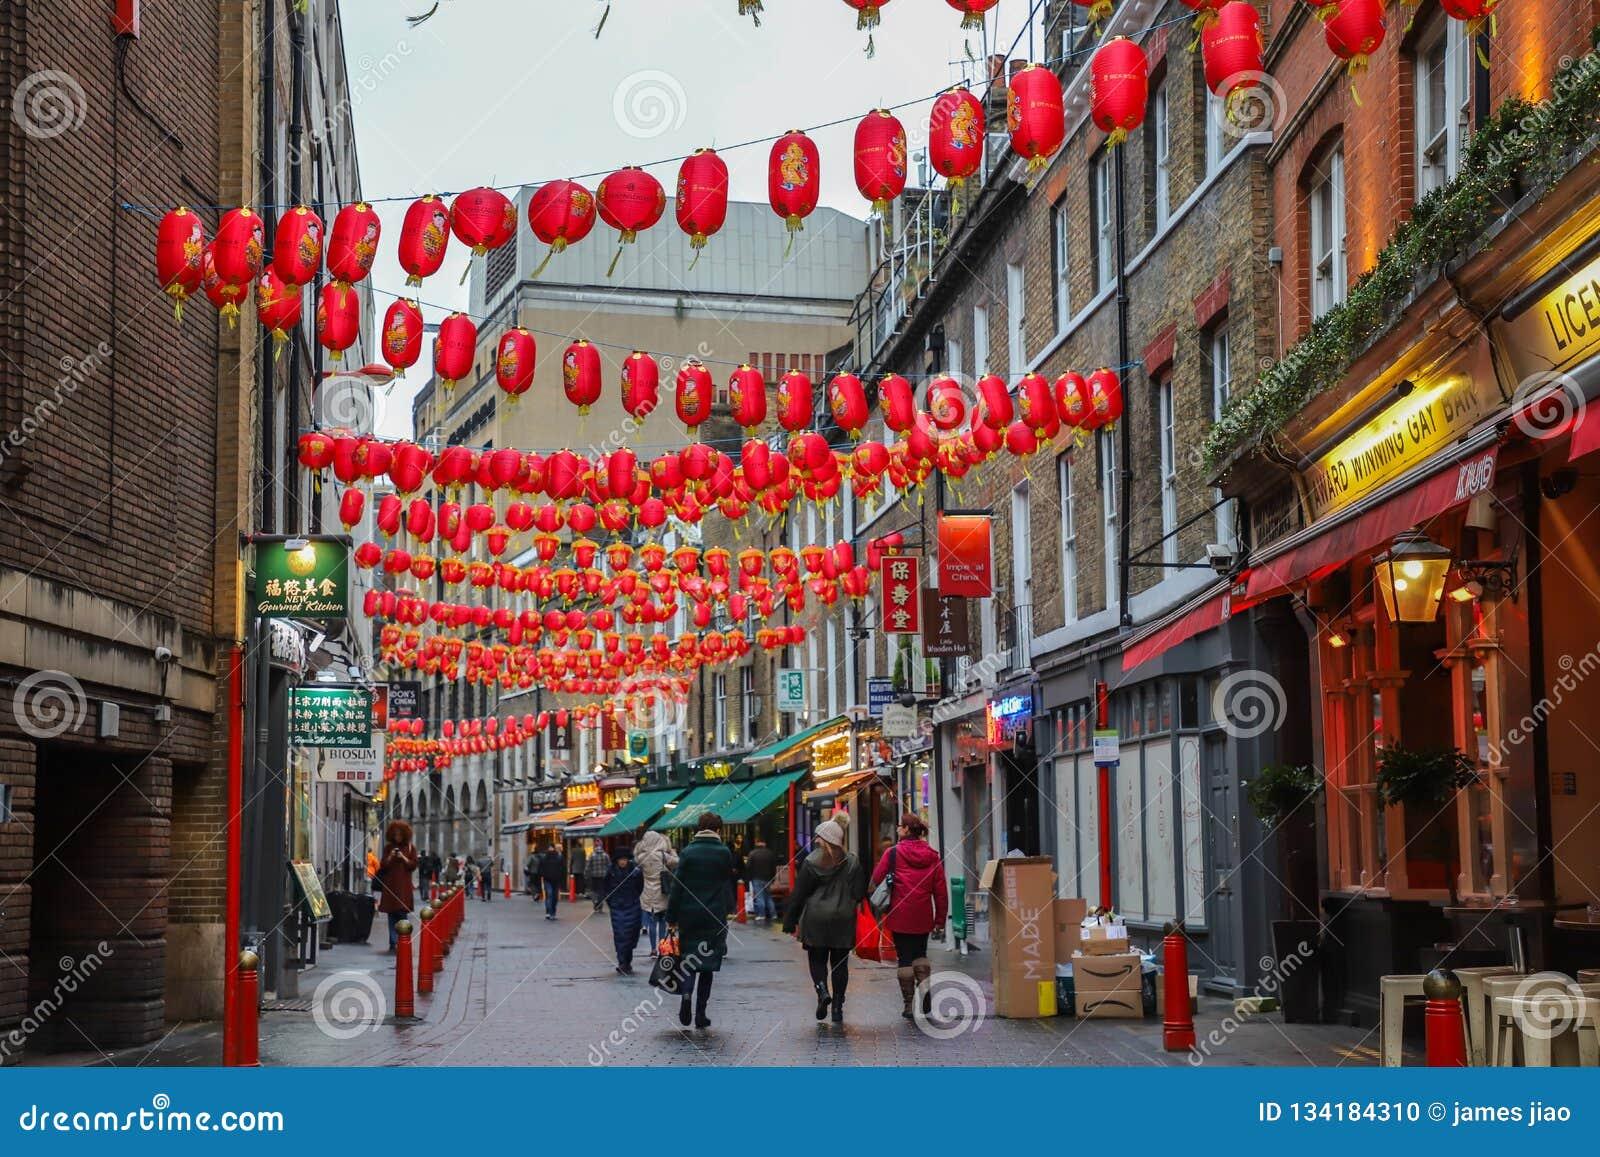 Uomini e donne che camminano in vie nella città della Cina a Londra